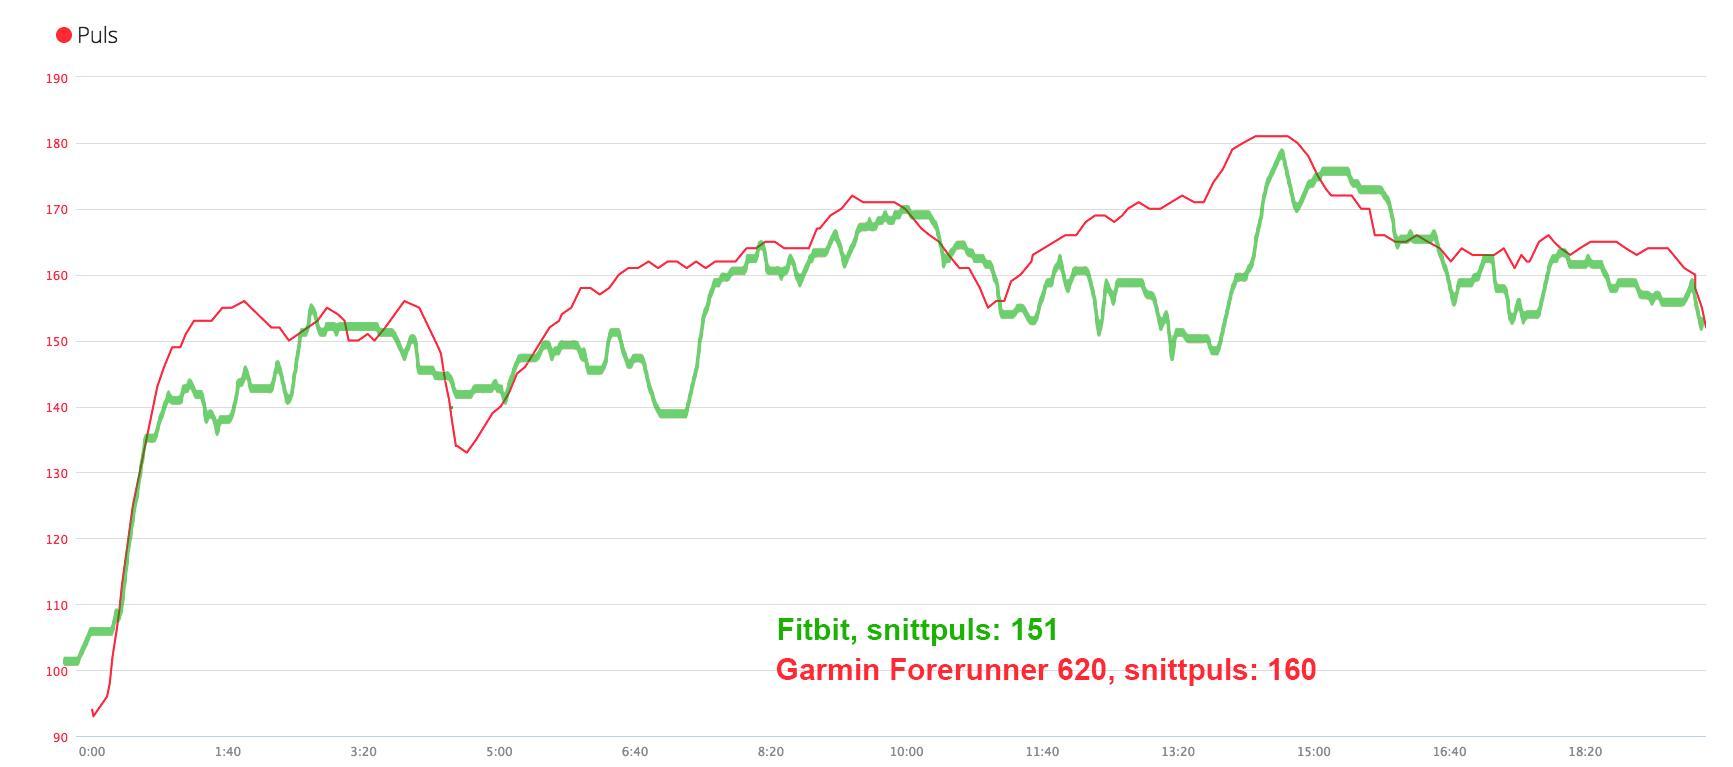 Pulsen målt med Fitbit Charge HR (den grønne linjen) varierte mye mer enn målt med Garmin Forerunner 620, og snittpulsen ble også lavere.